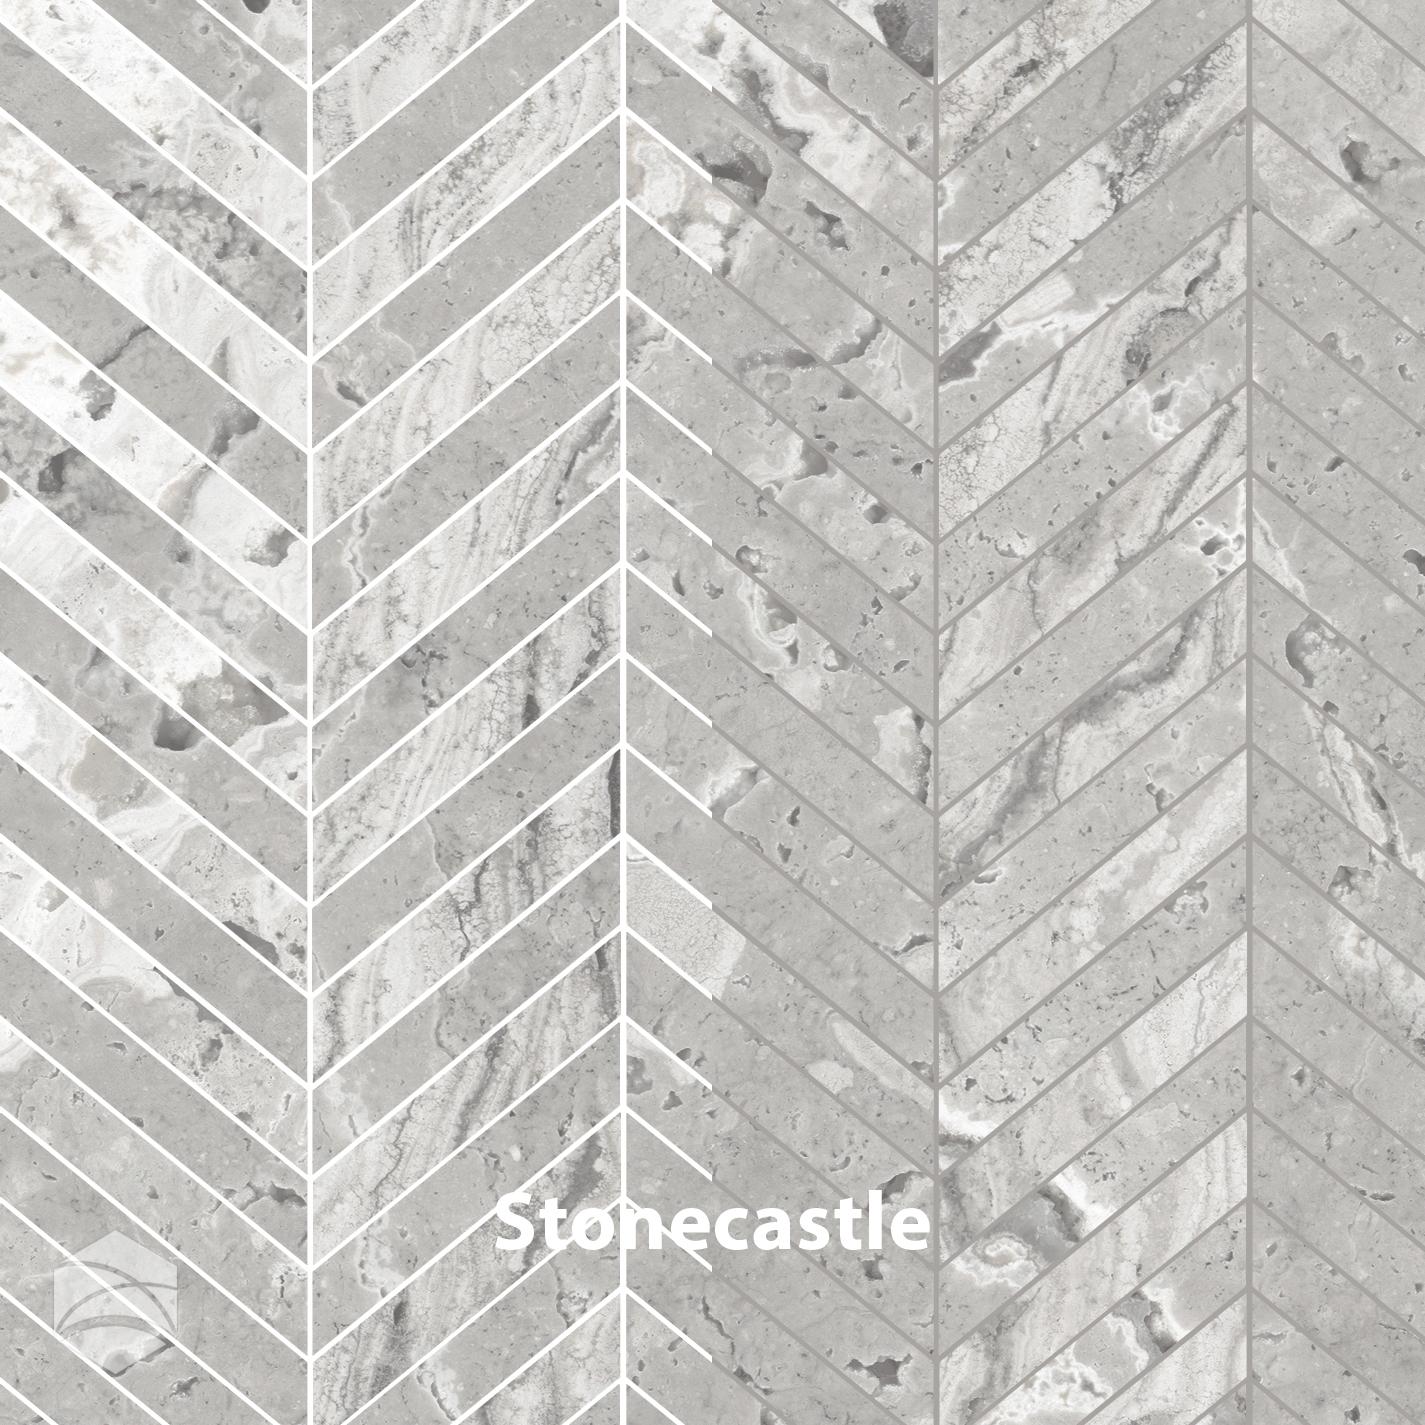 Stonecastle_Chevron_V2_14x14.jpg